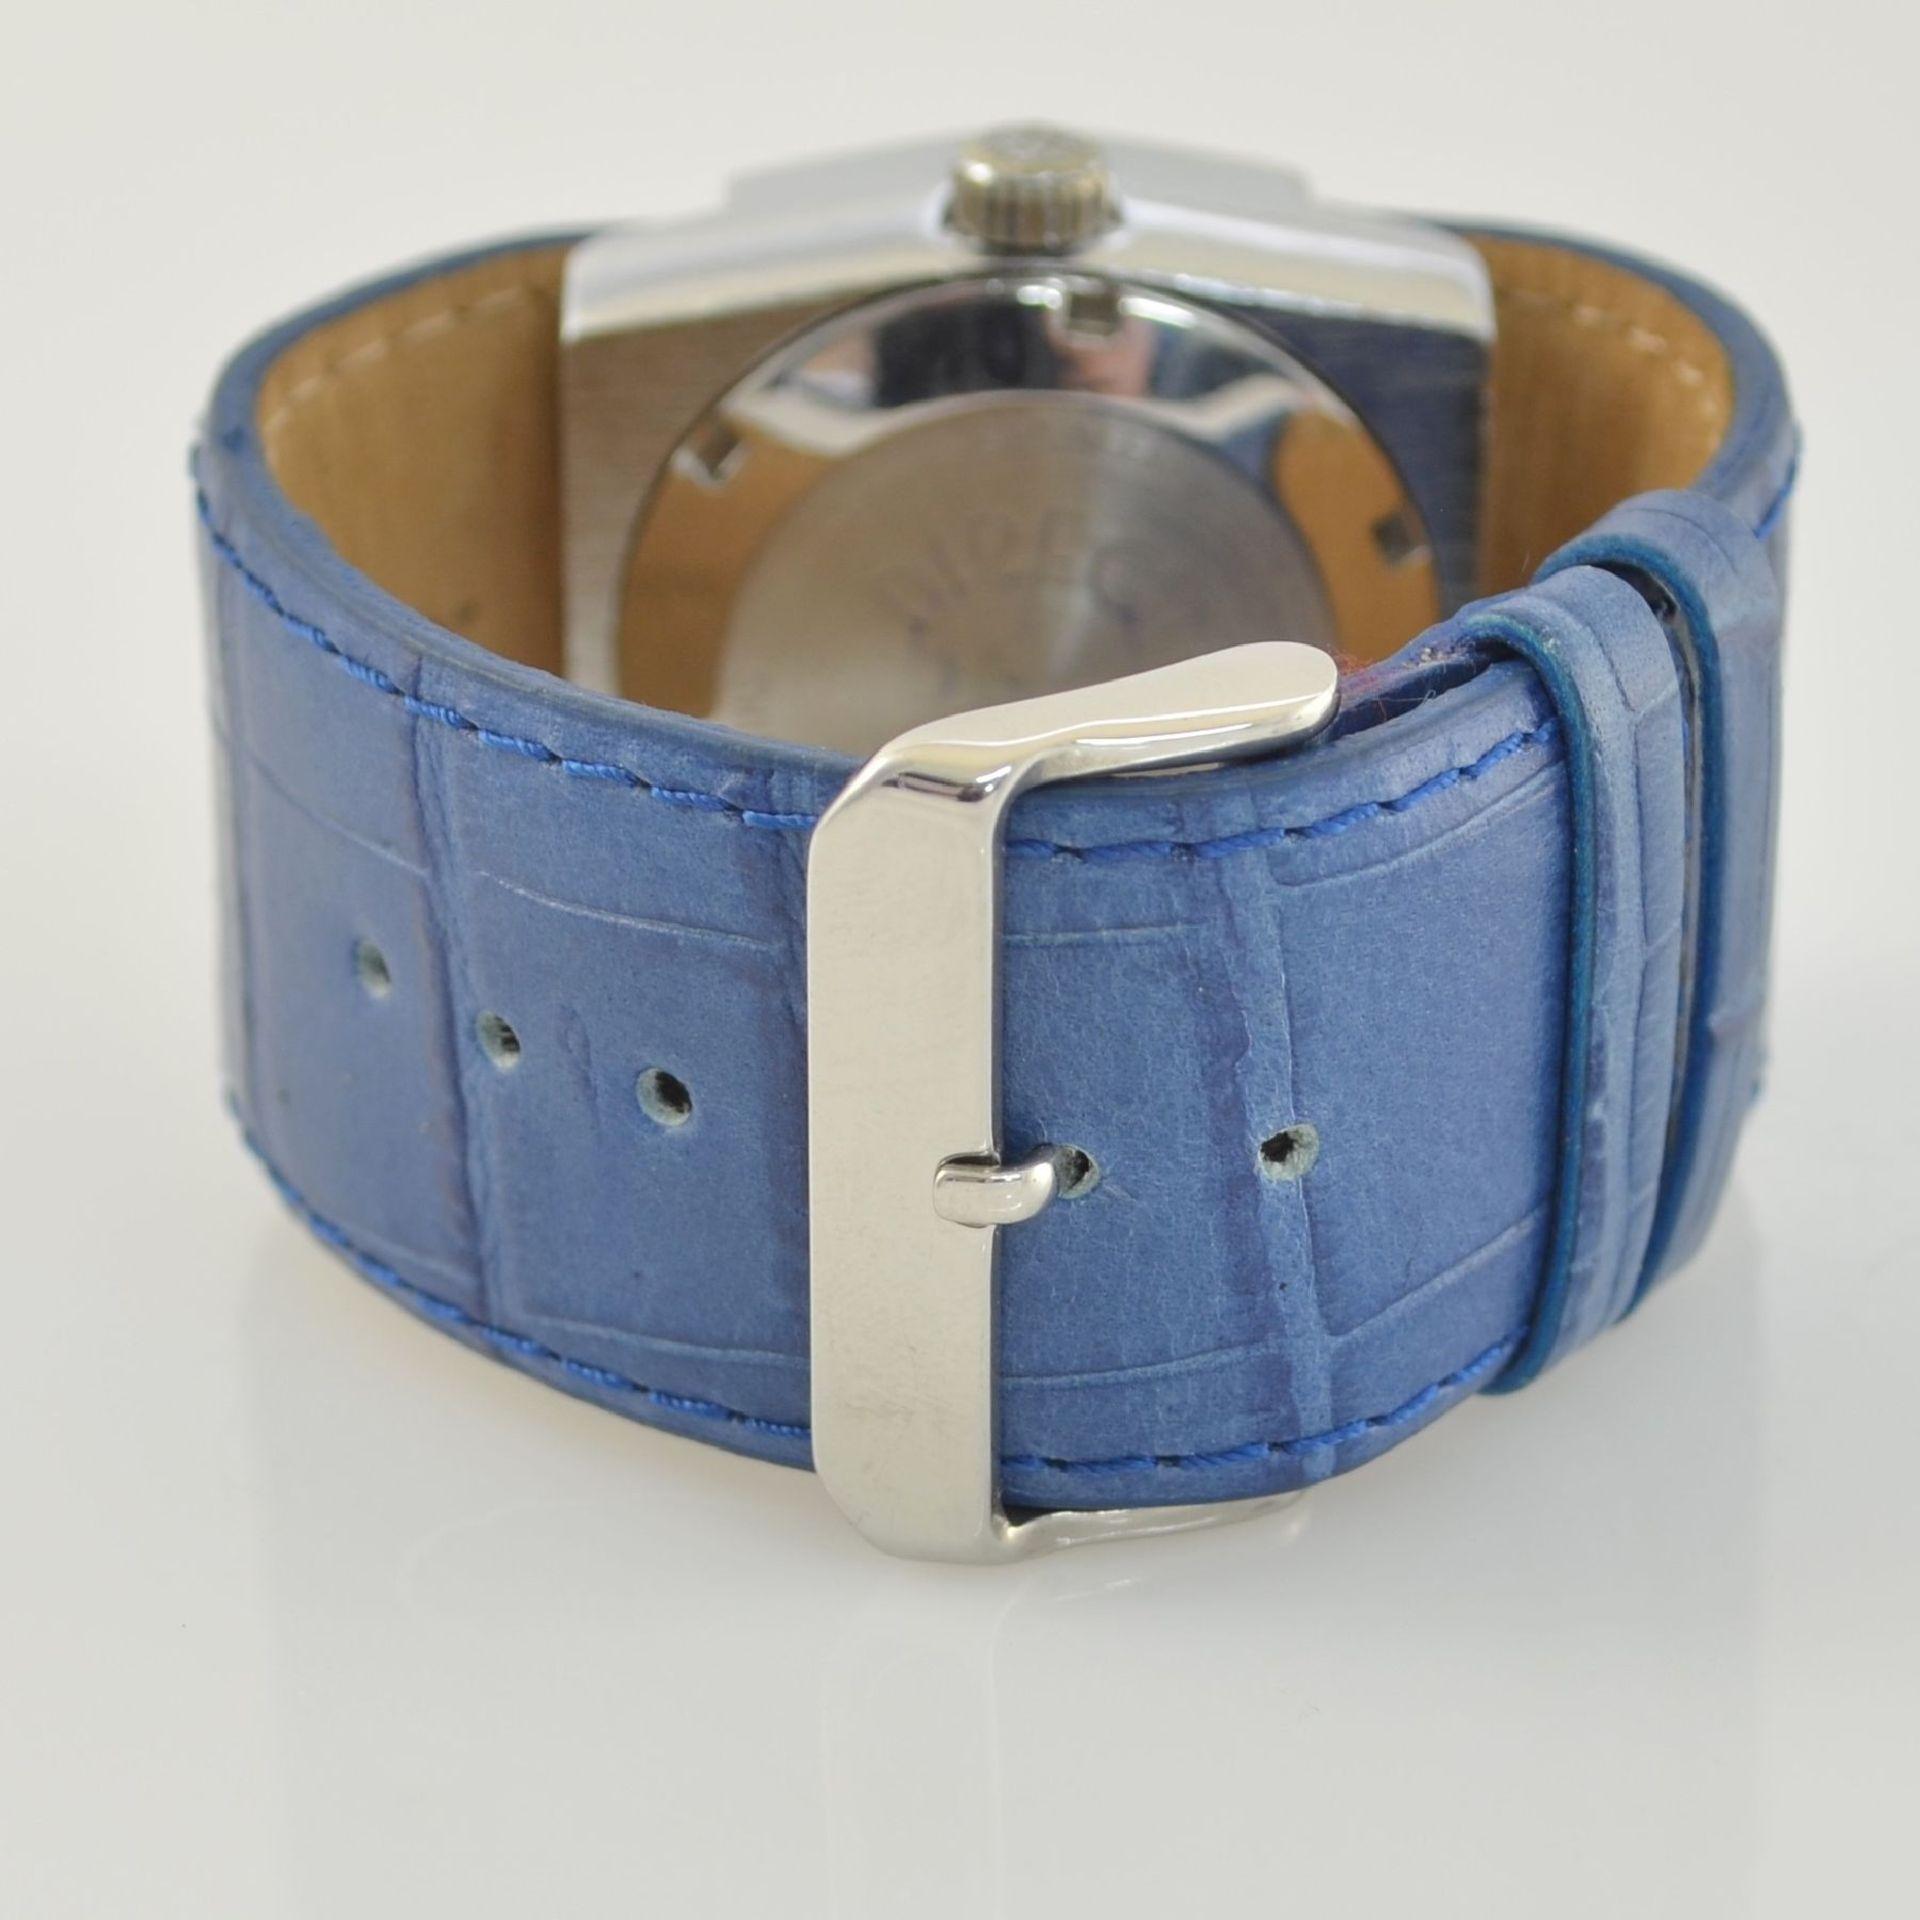 HOGA/Direct Time Armbanduhr mit digitaler Zeitanzeige Kal. AS 1902, Schweiz um 1970, Automatik, - Bild 5 aus 6